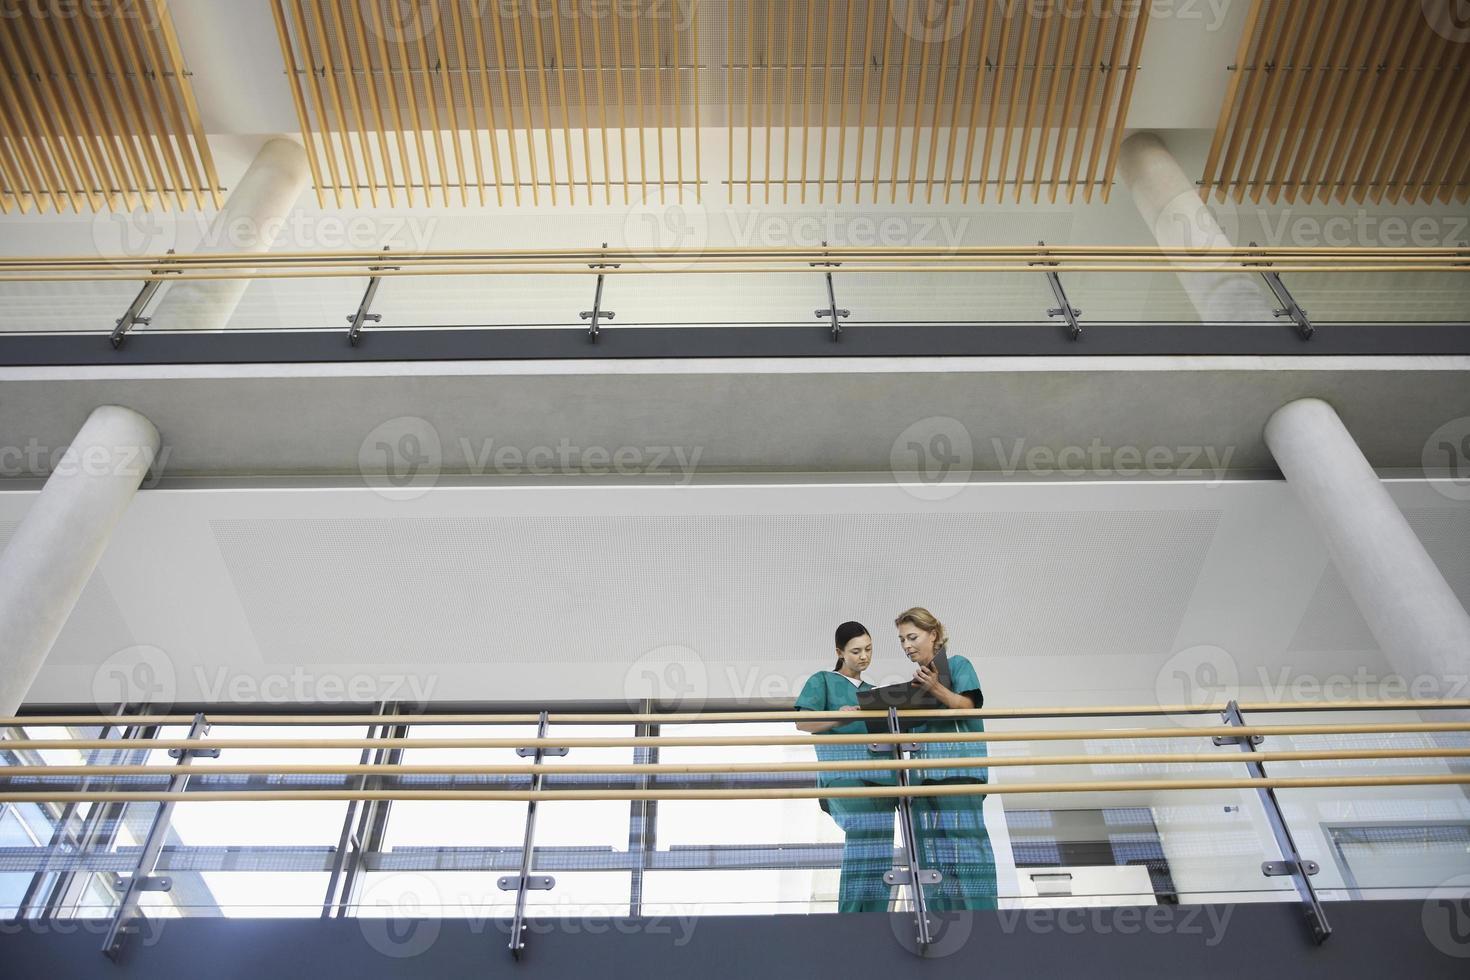 medizinische Arbeiter, die Karte auf Balkon betrachten foto